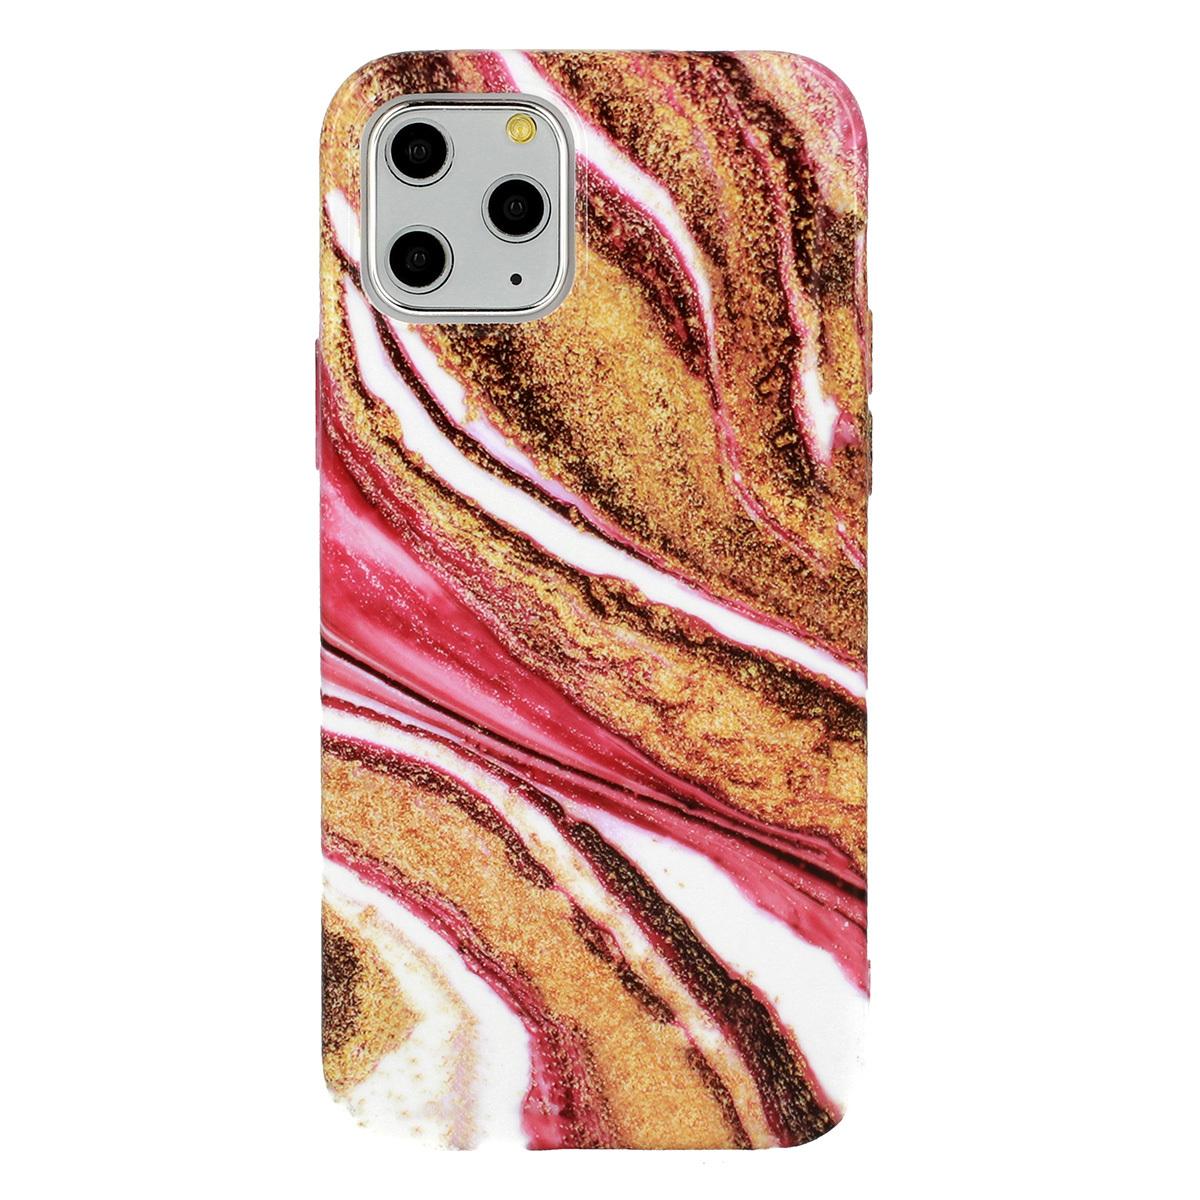 Silikonové pouzdro na mobil Mramor pro Iphone 12 Pro Max vzor -  8 5900217377795